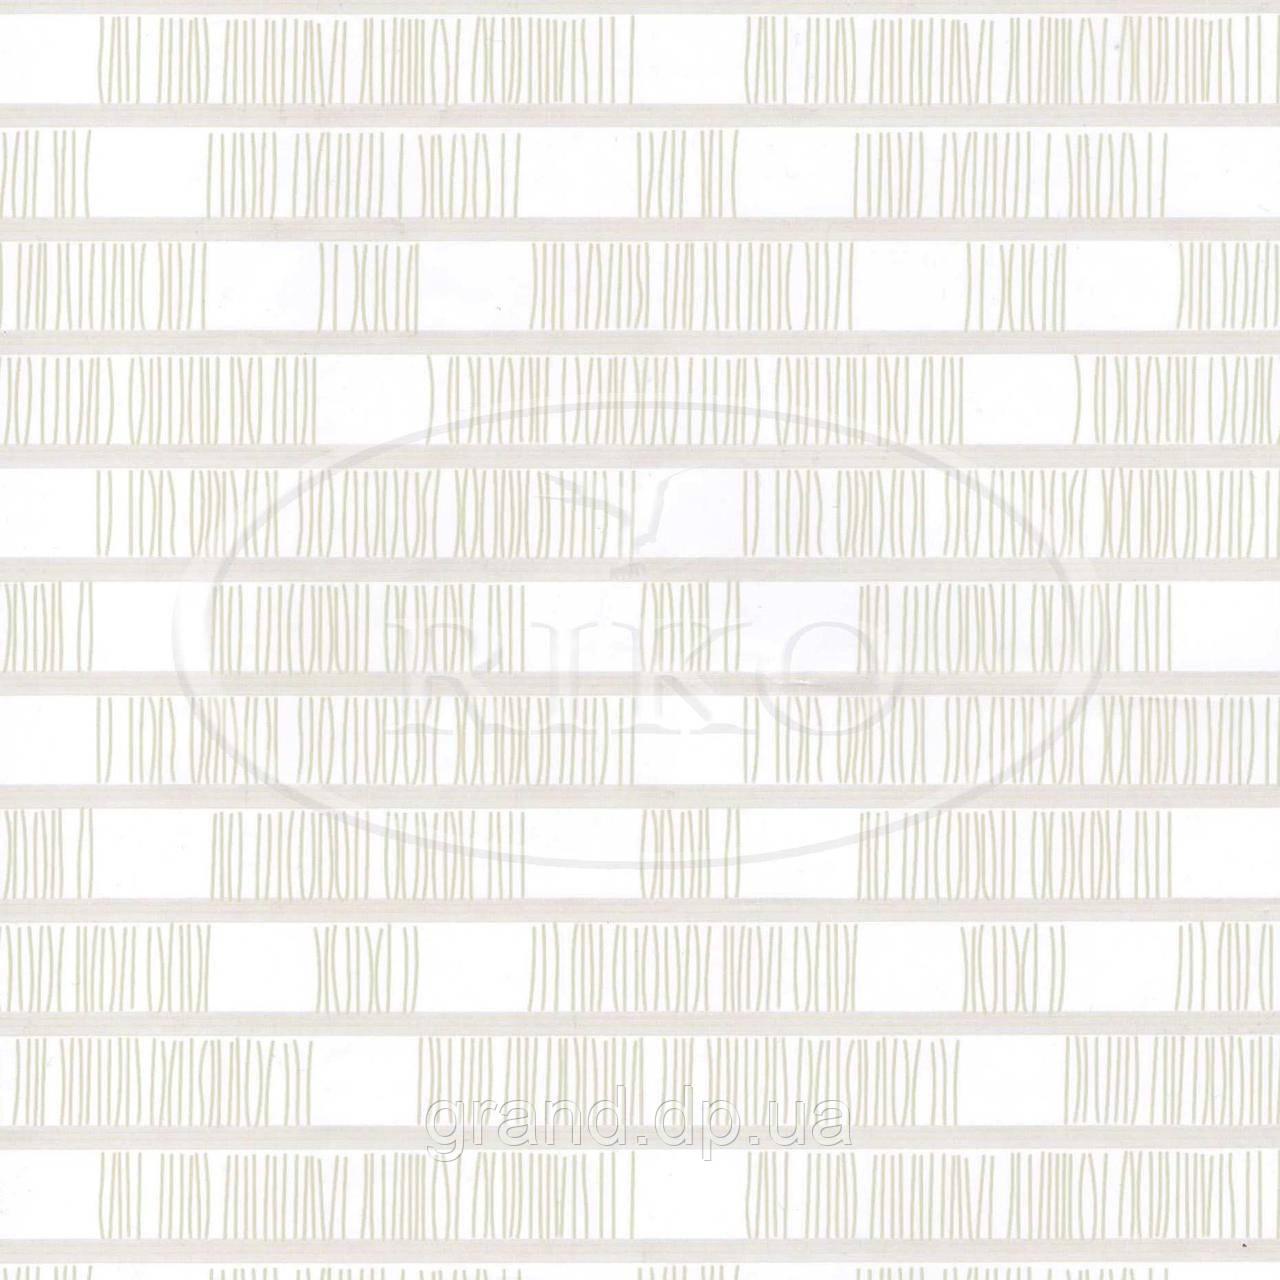 Пластиковые декоративные панели ПВХ Рико(Riko) 250*7*3000мм Ажур с Термопереводом бесшовные